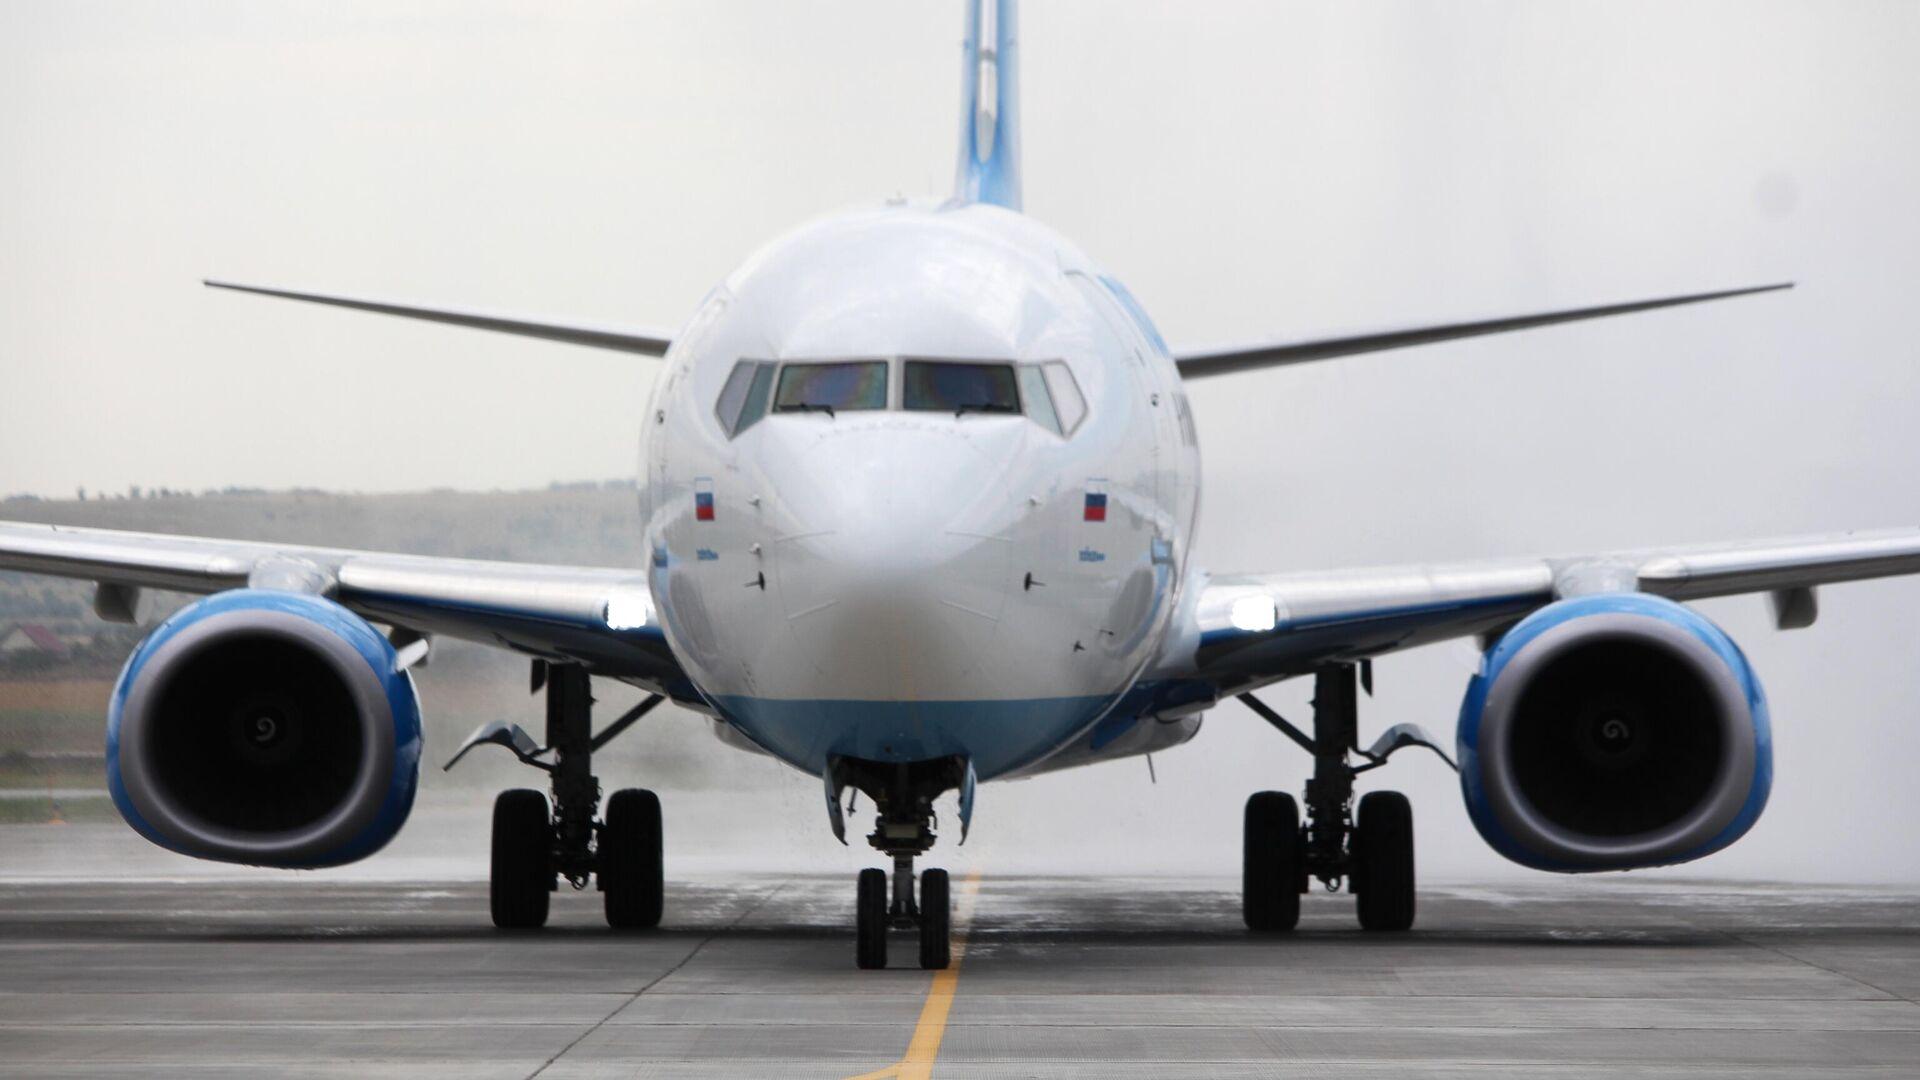 Самолет Boeing 737-800 авиакомпании Победа в международном аэропорту Гагарин в Саратовской области - РИА Новости, 1920, 01.03.2021